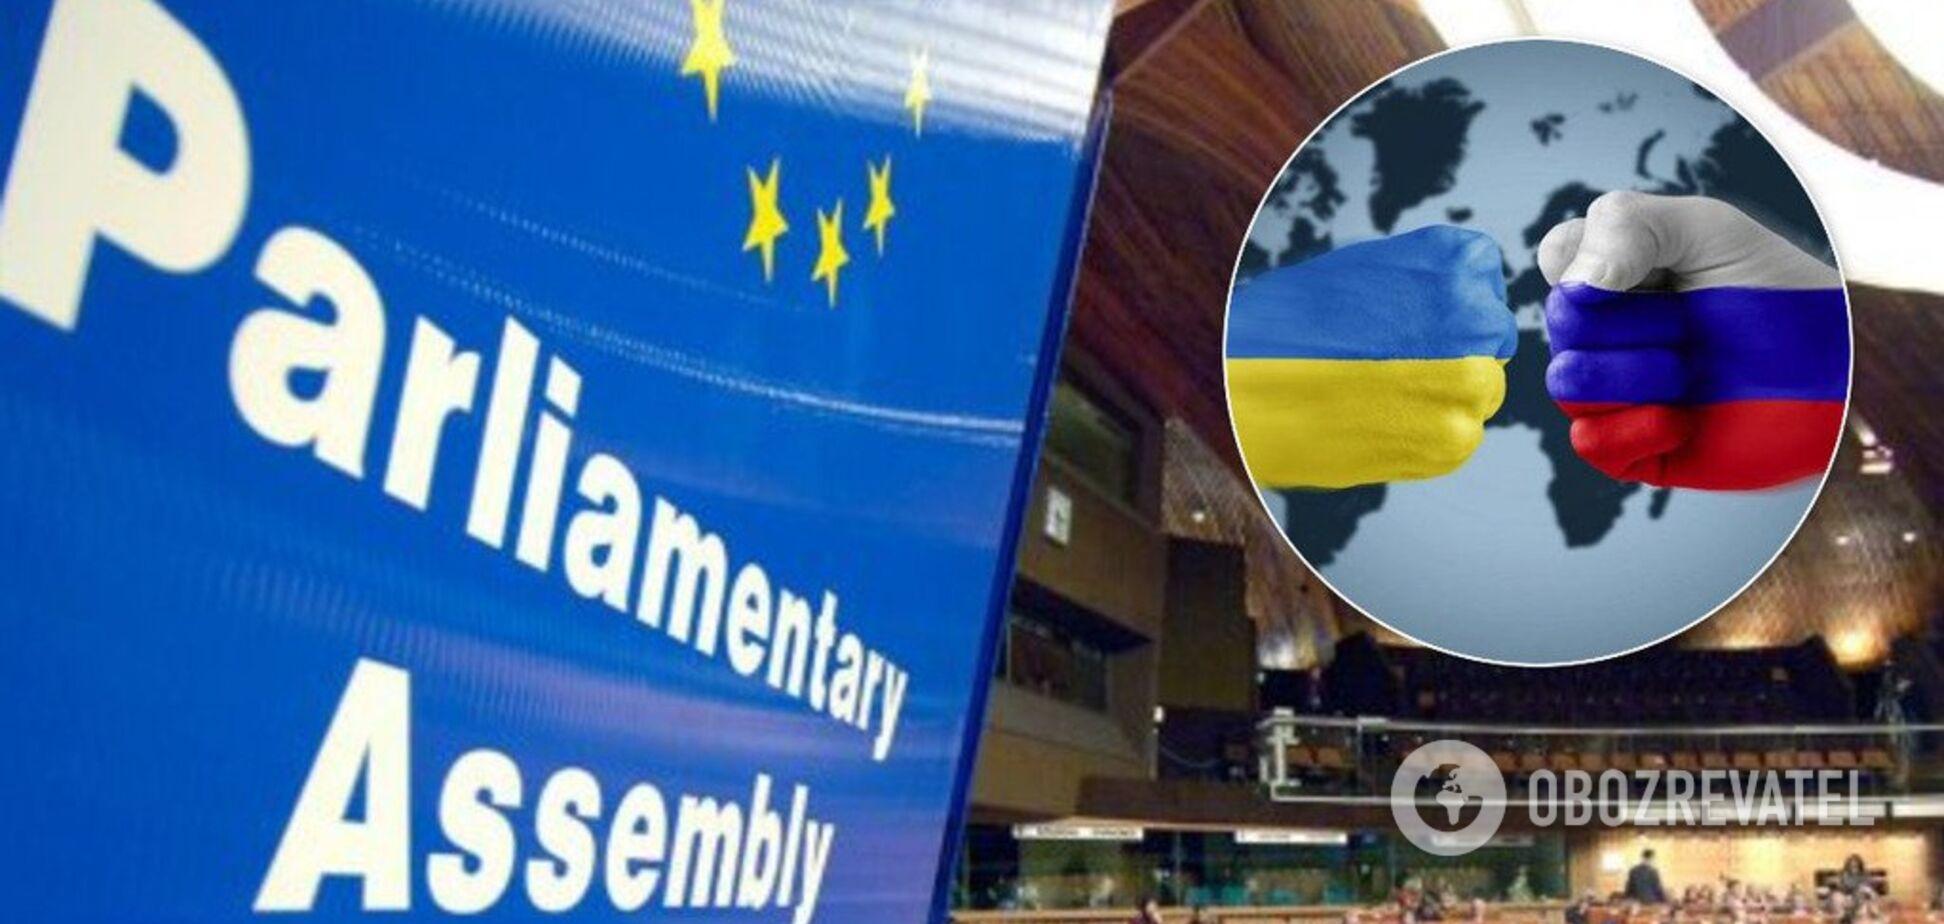 Європа хоче залишити Росію в ПАРЄ, незважаючи на анексію Криму